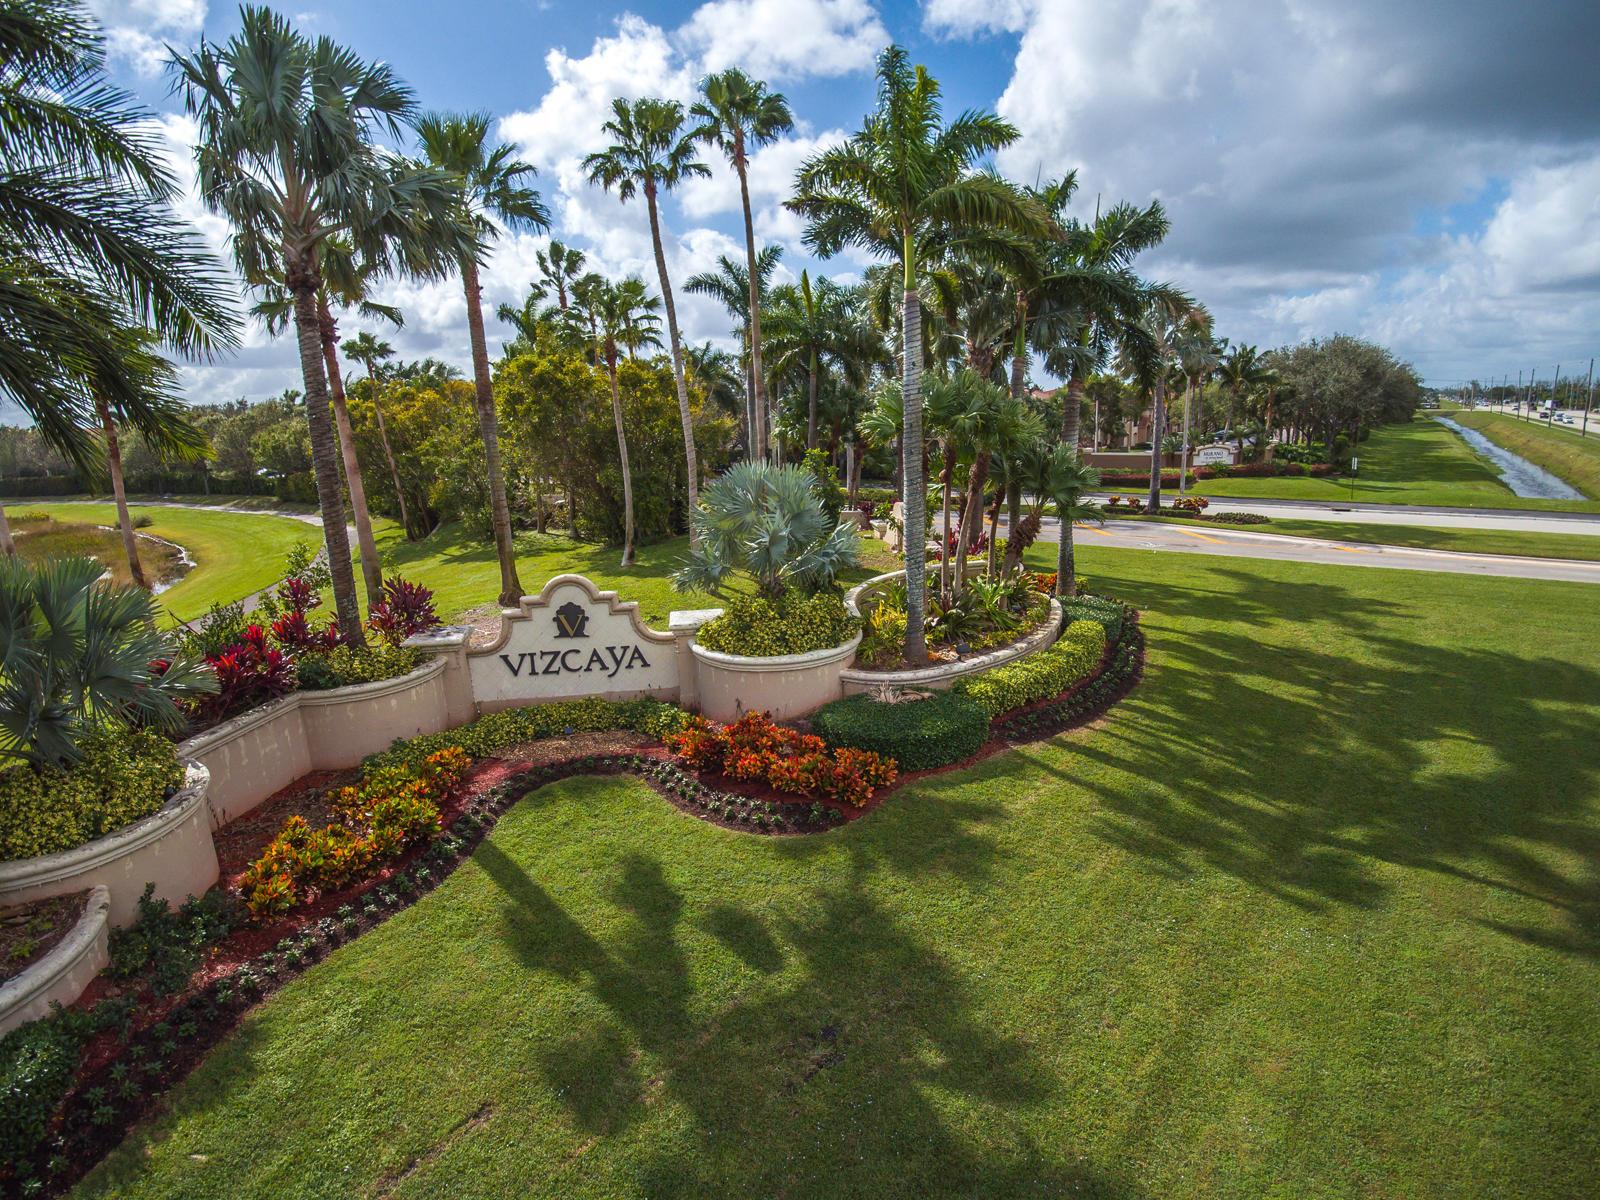 VIZCAYA - 9 properties for sale, Delray Beach,33446 FL. Boca Agency ...